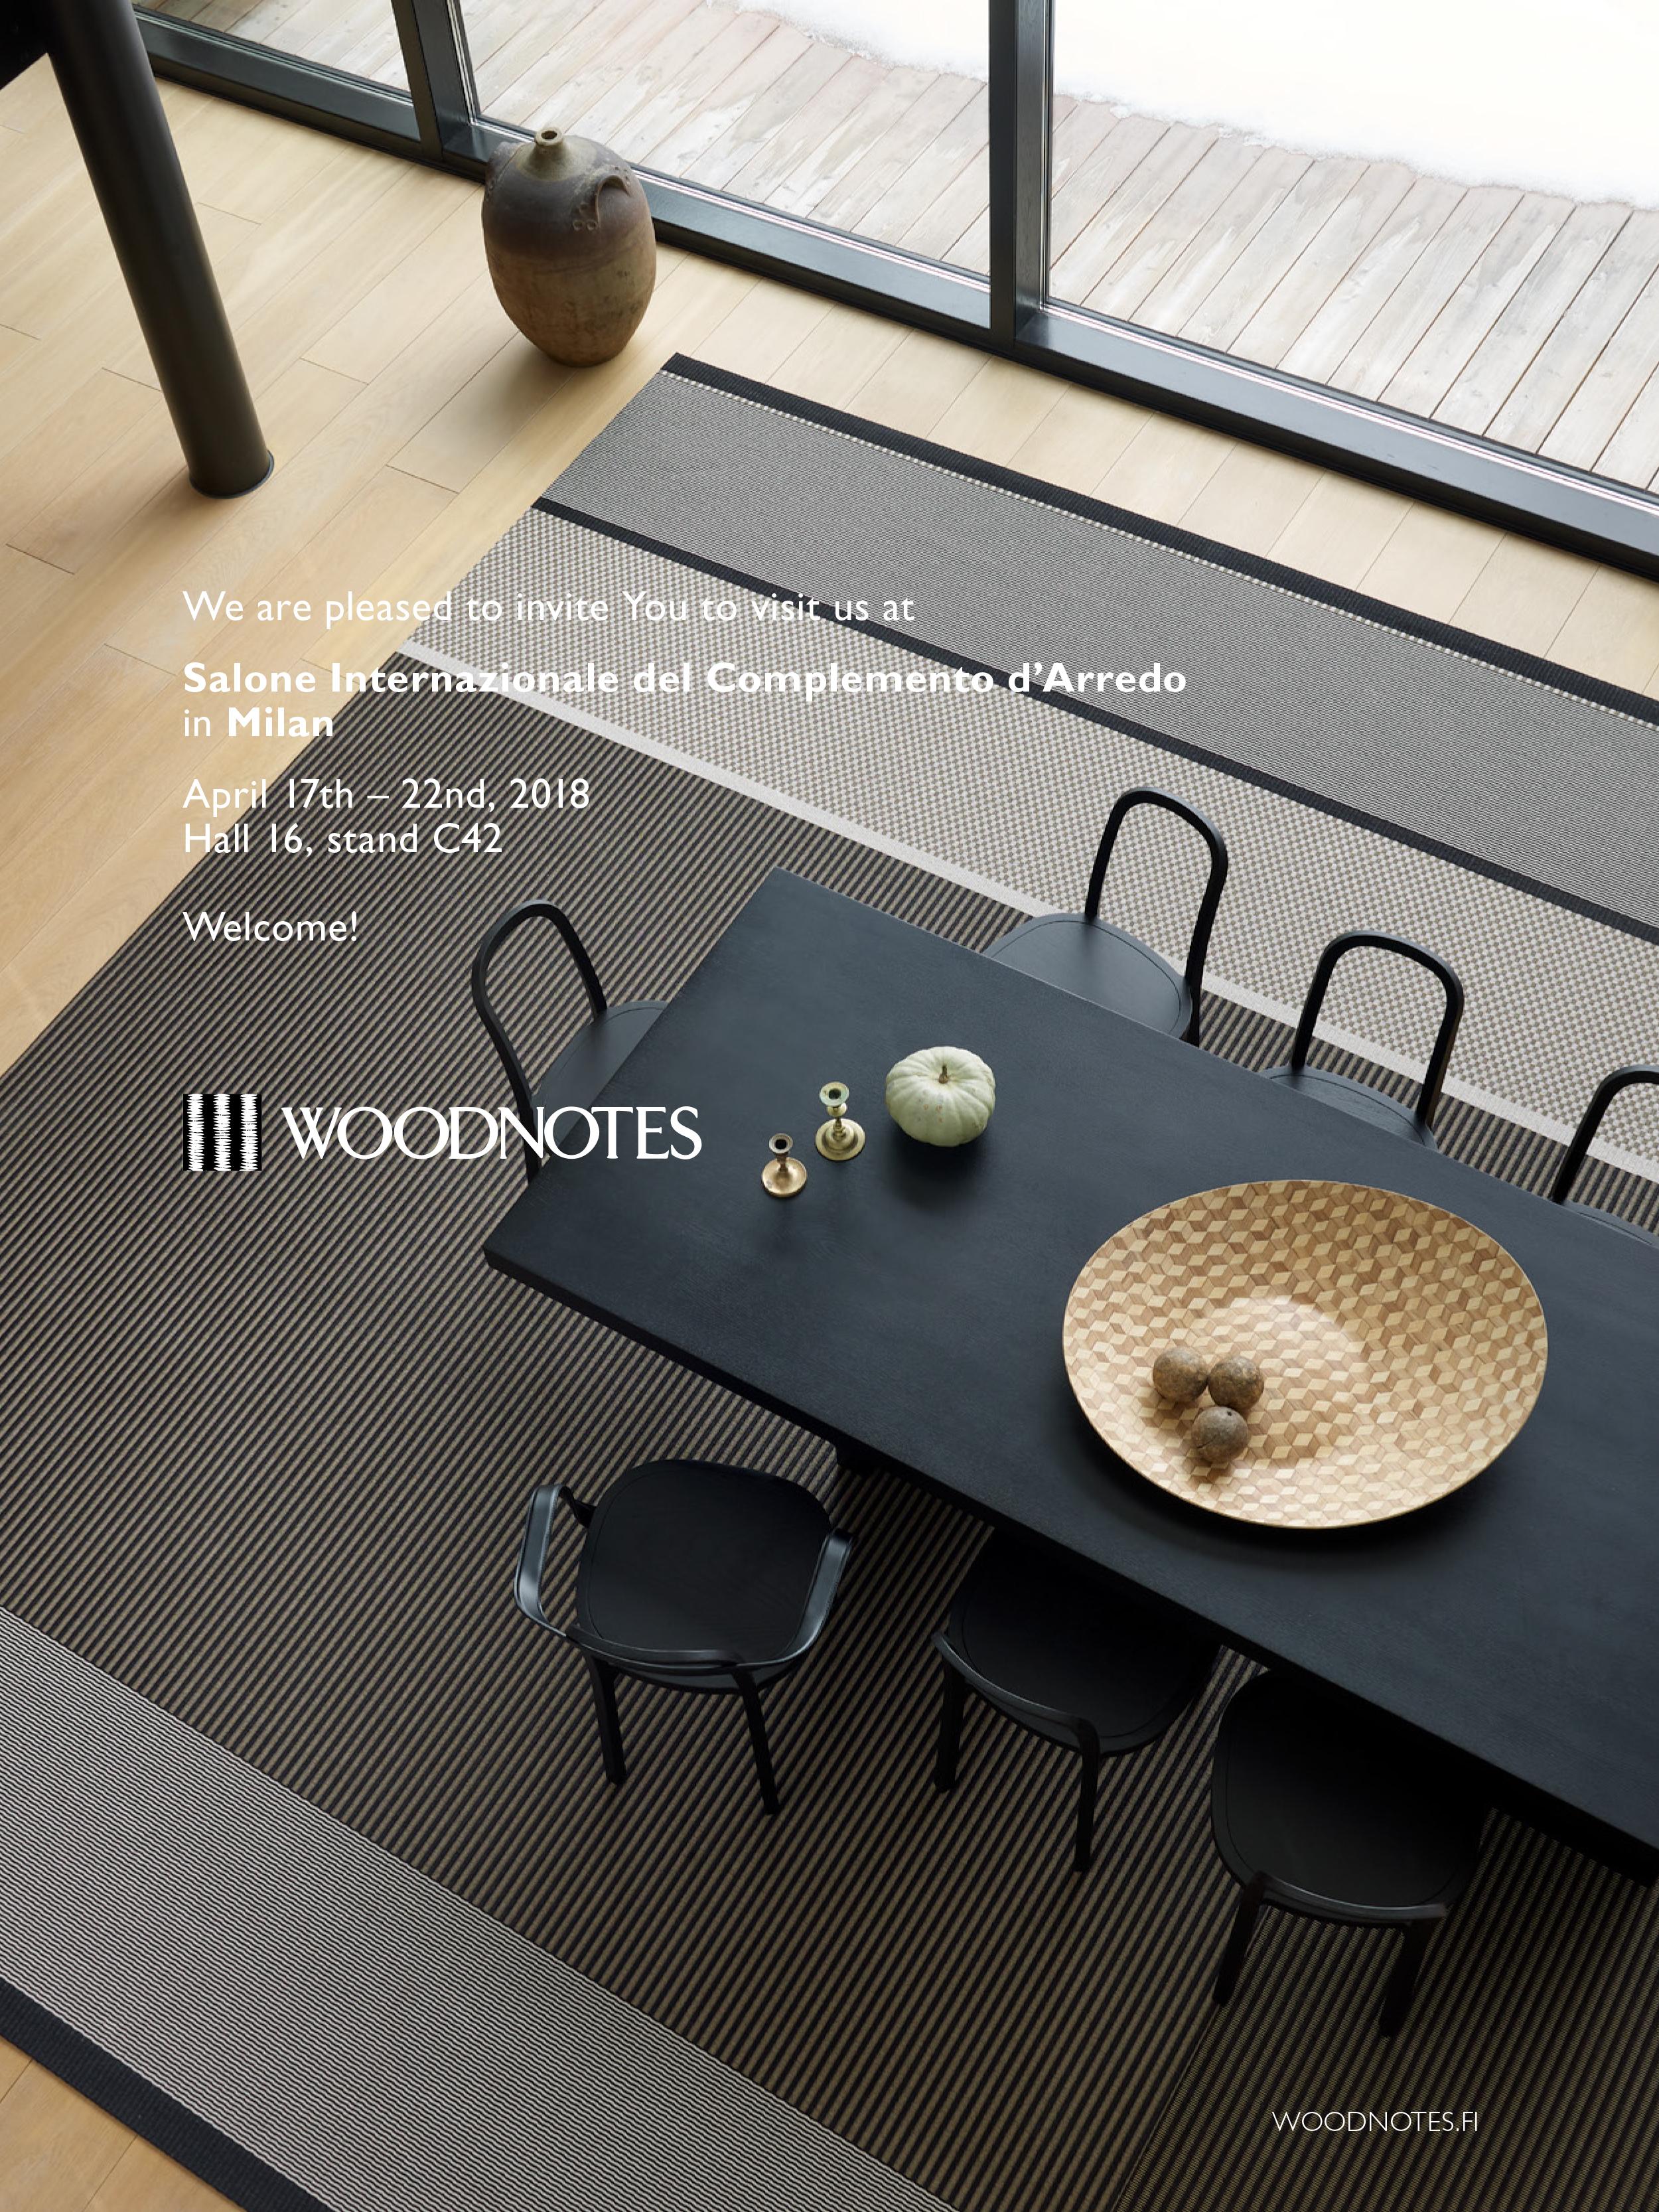 Invitation_Woodnotes_Milan_2018.jpg